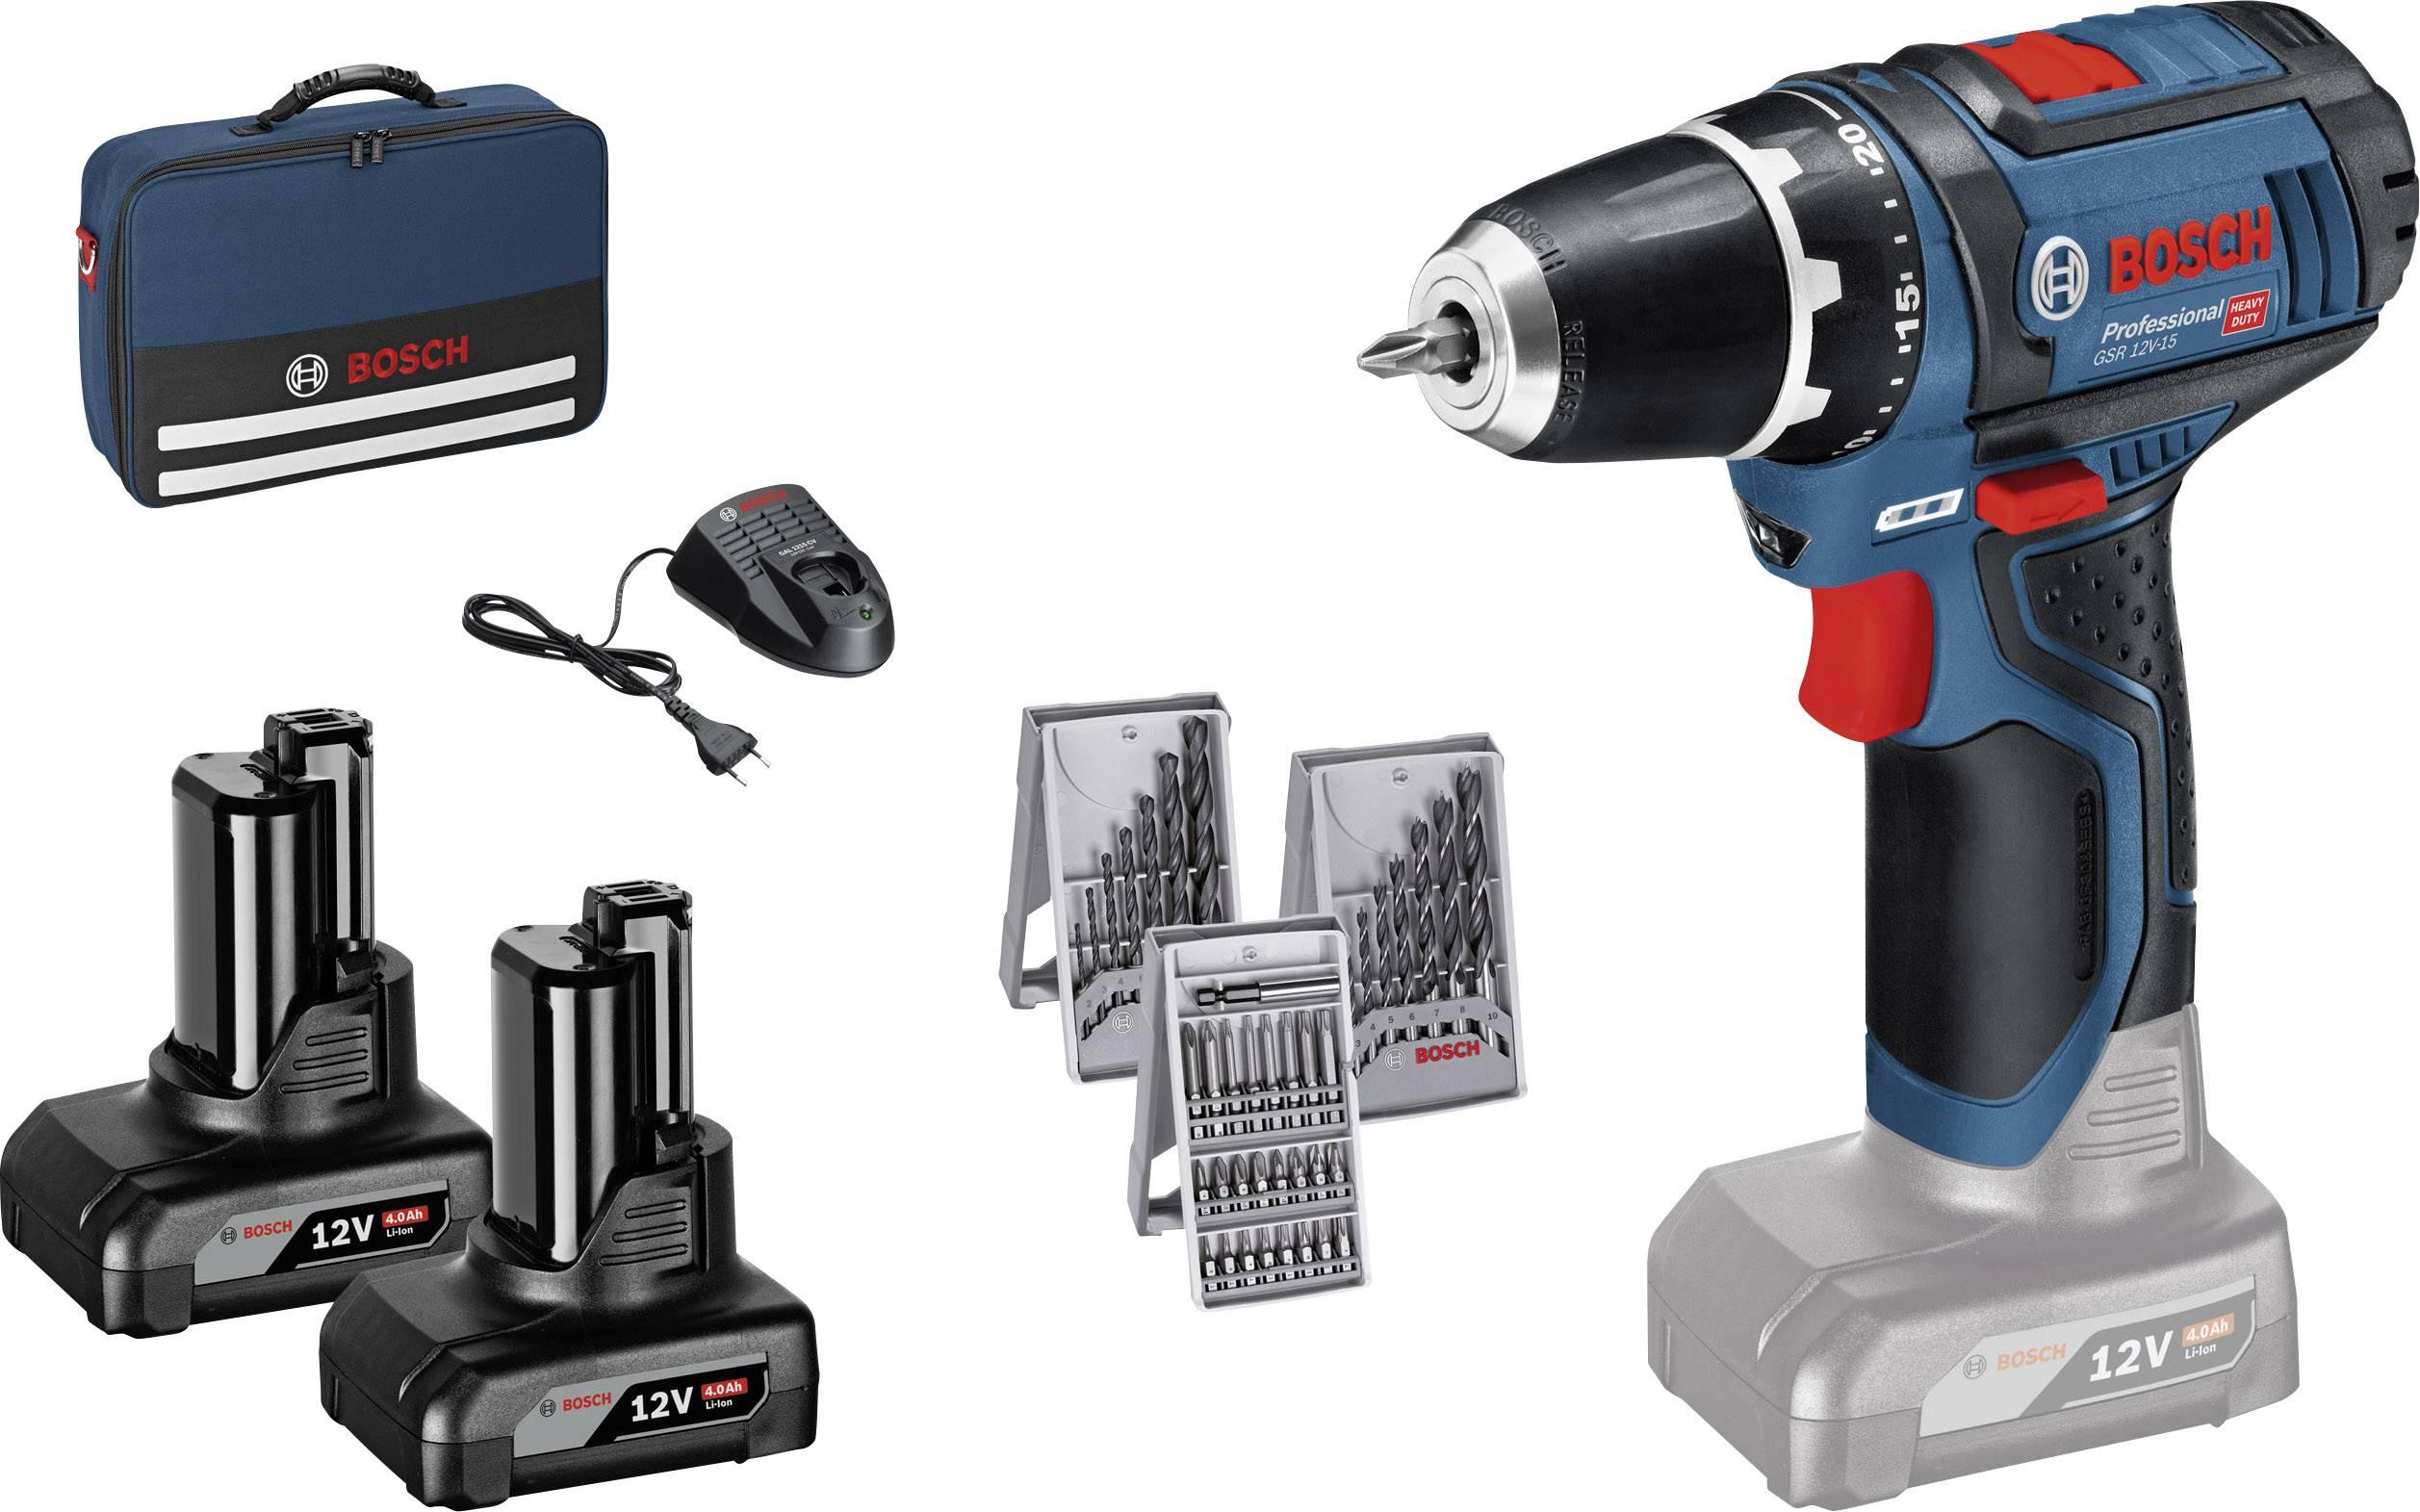 Aku vrtací šroubovák Bosch Professional GSR 12V-15 0615990HV1, 12 V, 4 Ah, Li-Ion akumulátor